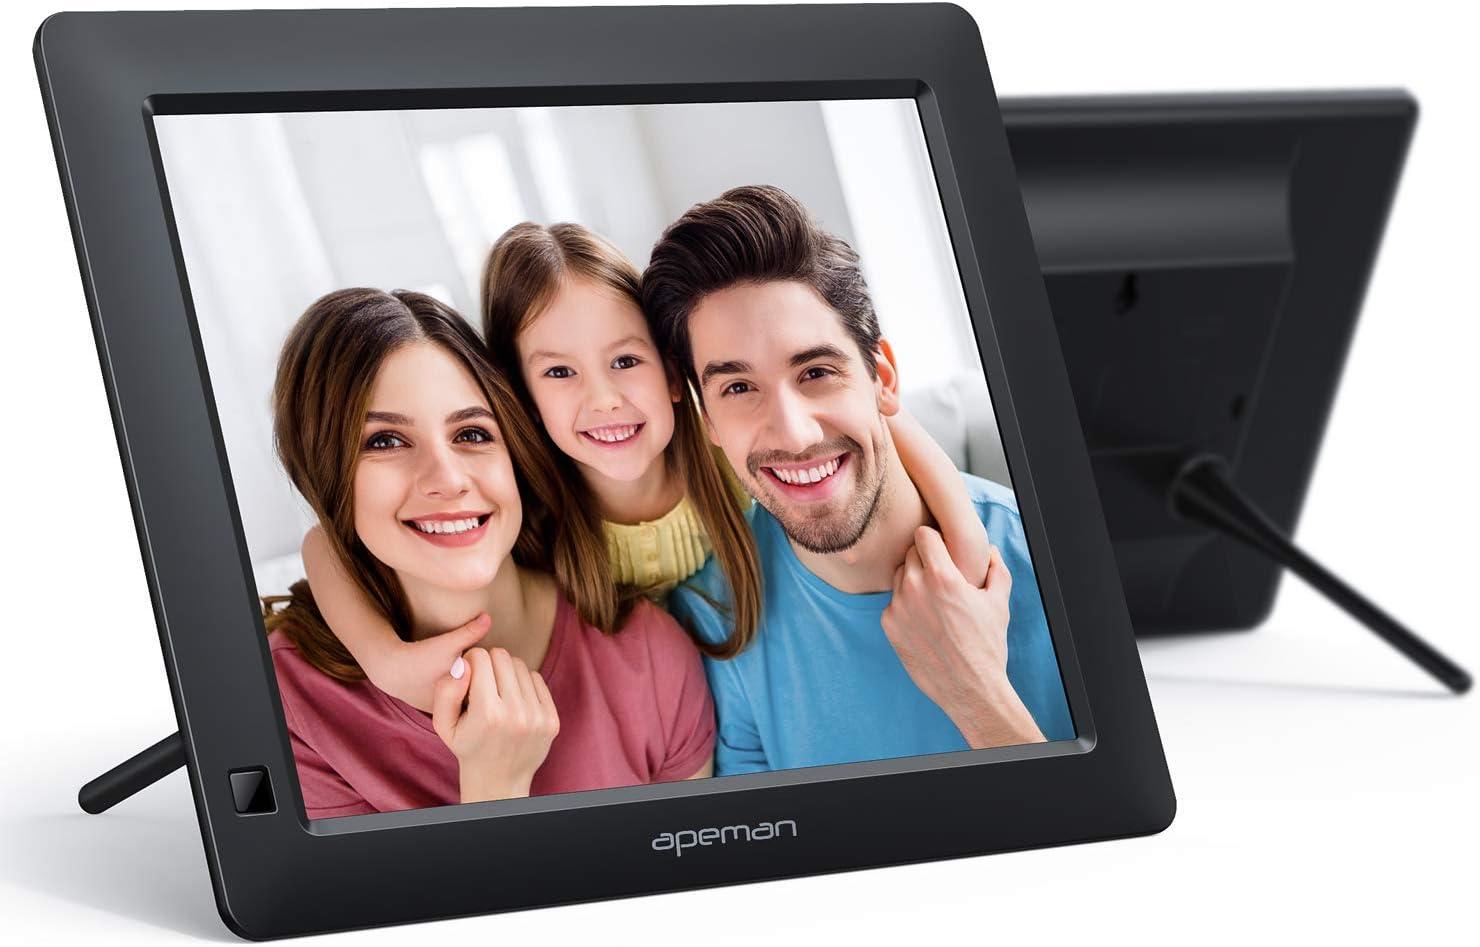 APEMAN Cadre Photo Numérique 8 Pouces avec écran HD IPS 1280x800, Supportez Carte SD, clé USB, Photos, Vidéos, Calendrier, Réveil, Horloge, Livre électronique, Musique de Fond, Cadeaux Exquis (Noir)